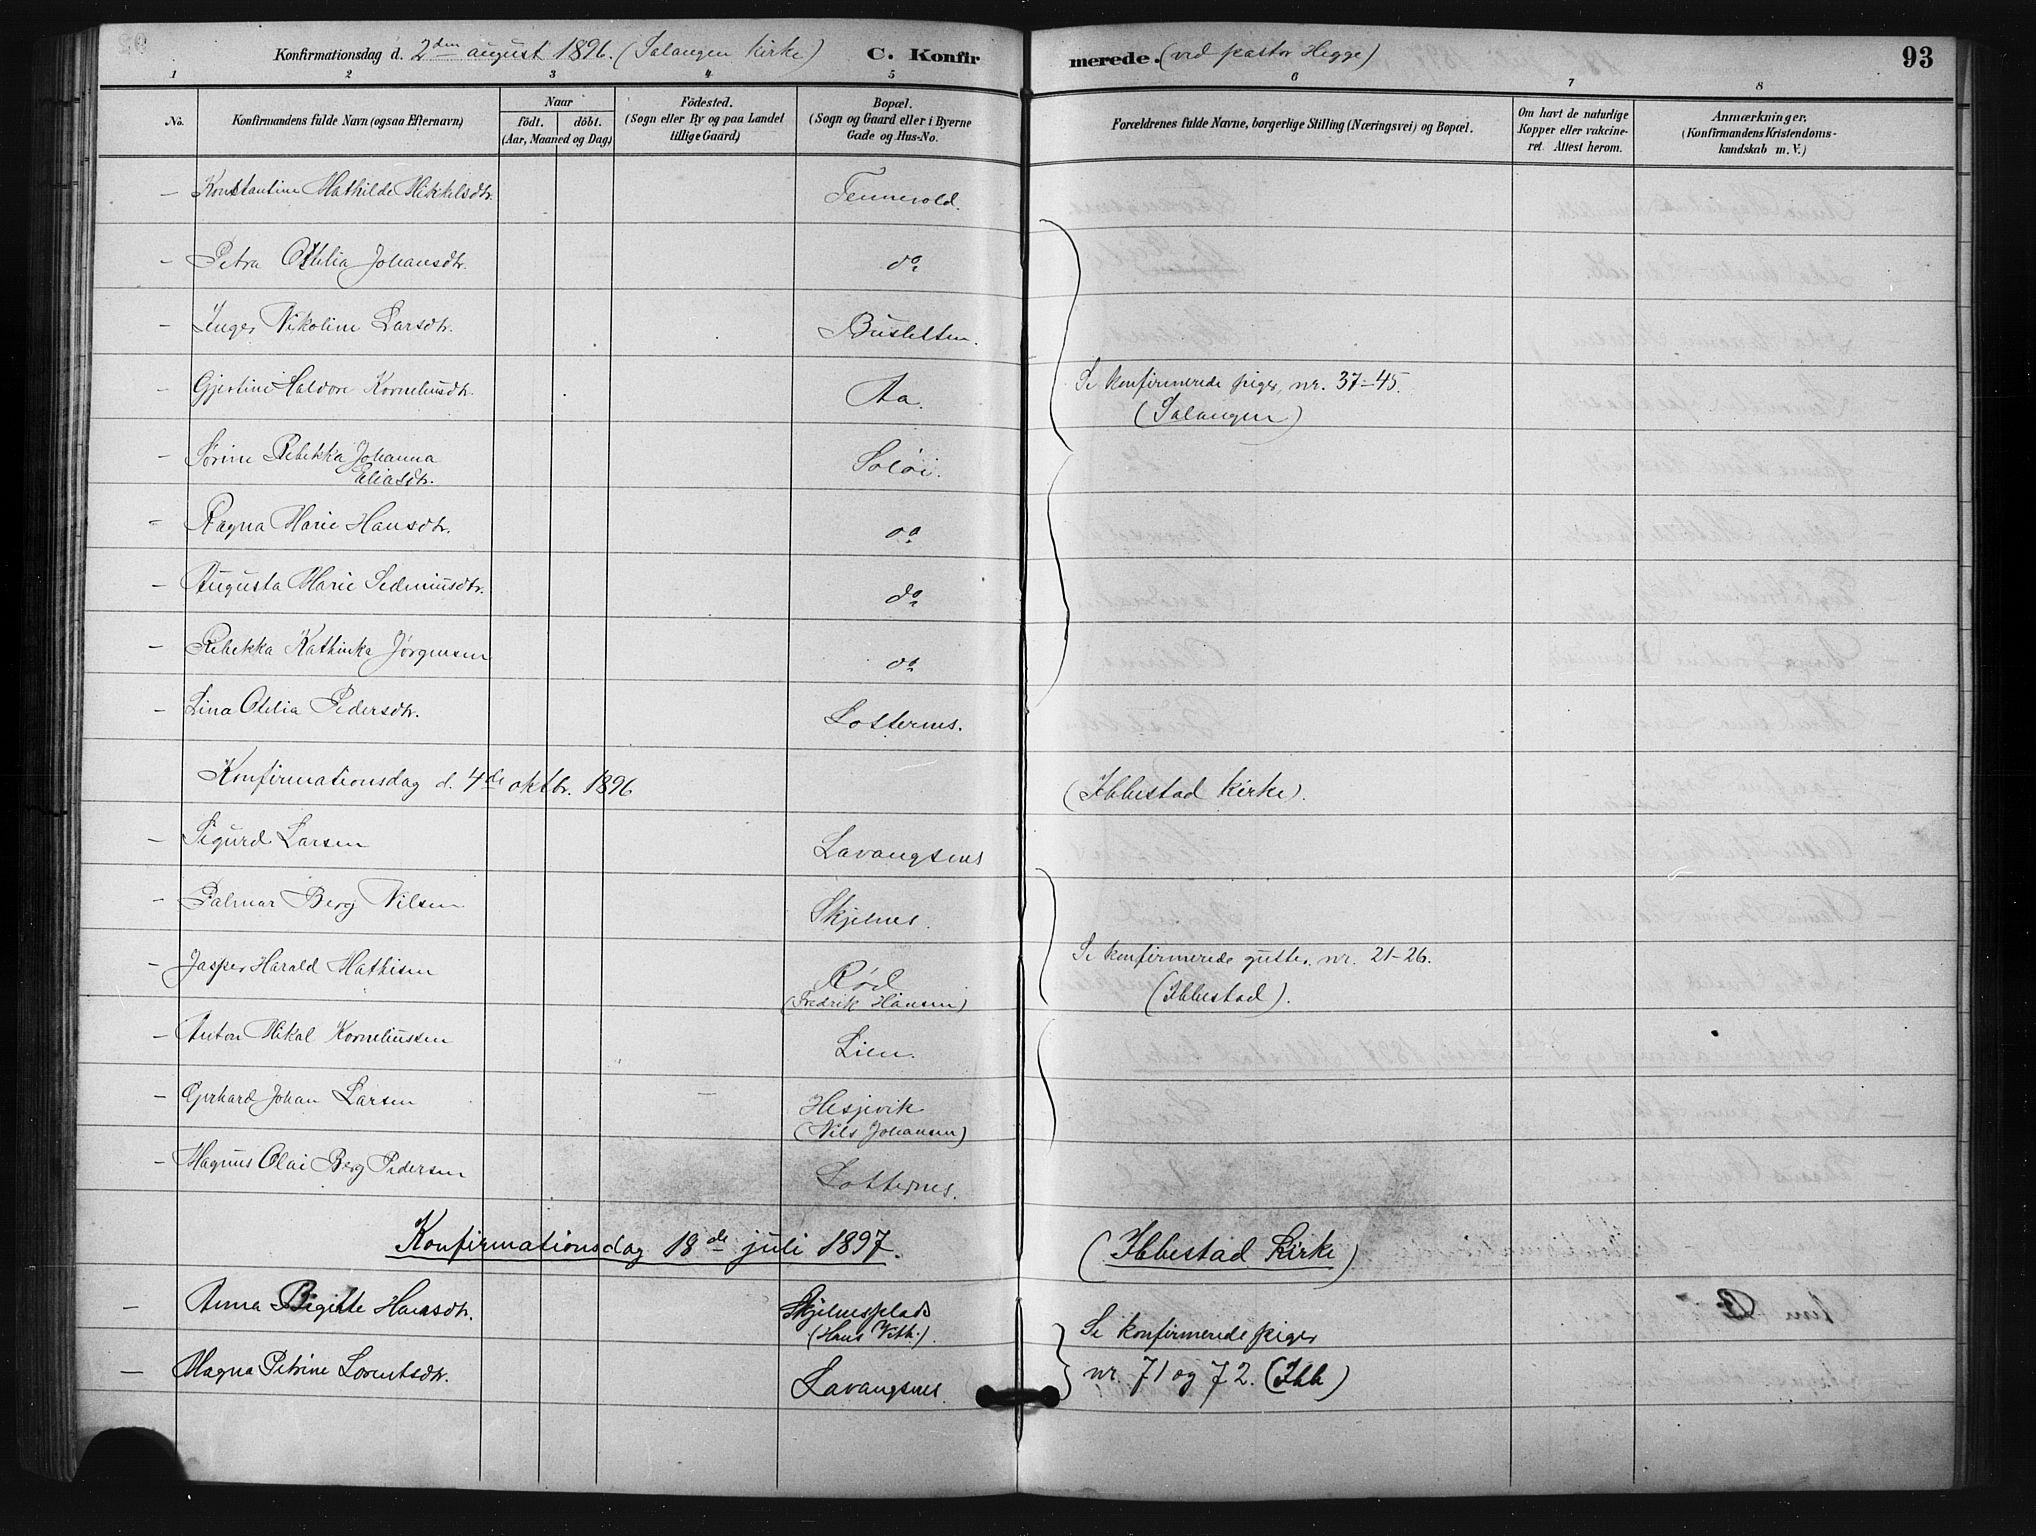 SATØ, Salangen sokneprestembete, H/Ha/L0001klokker: Klokkerbok nr. 1, 1893-1910, s. 93